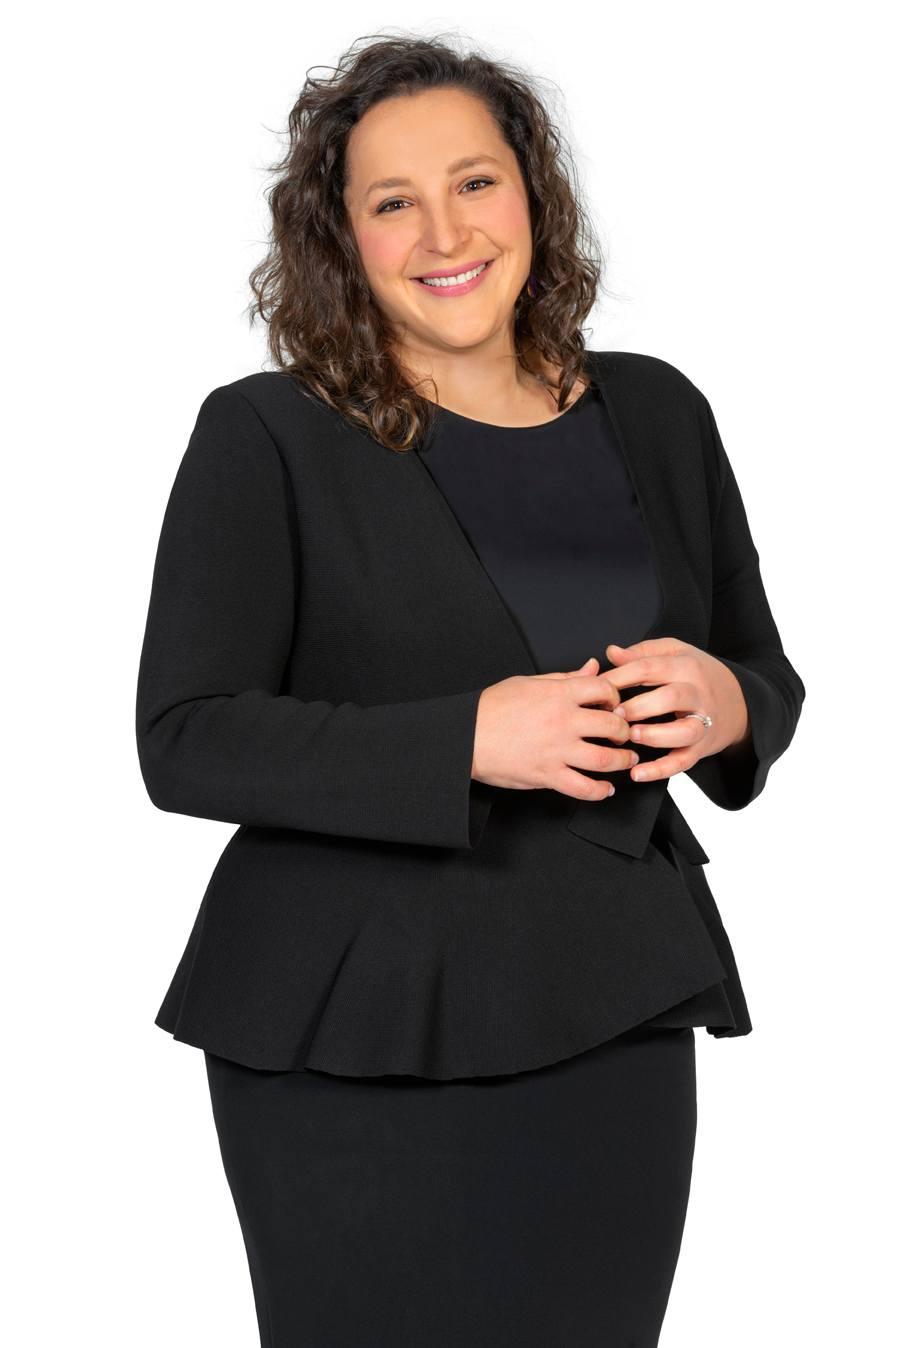 Helene Chryssidis